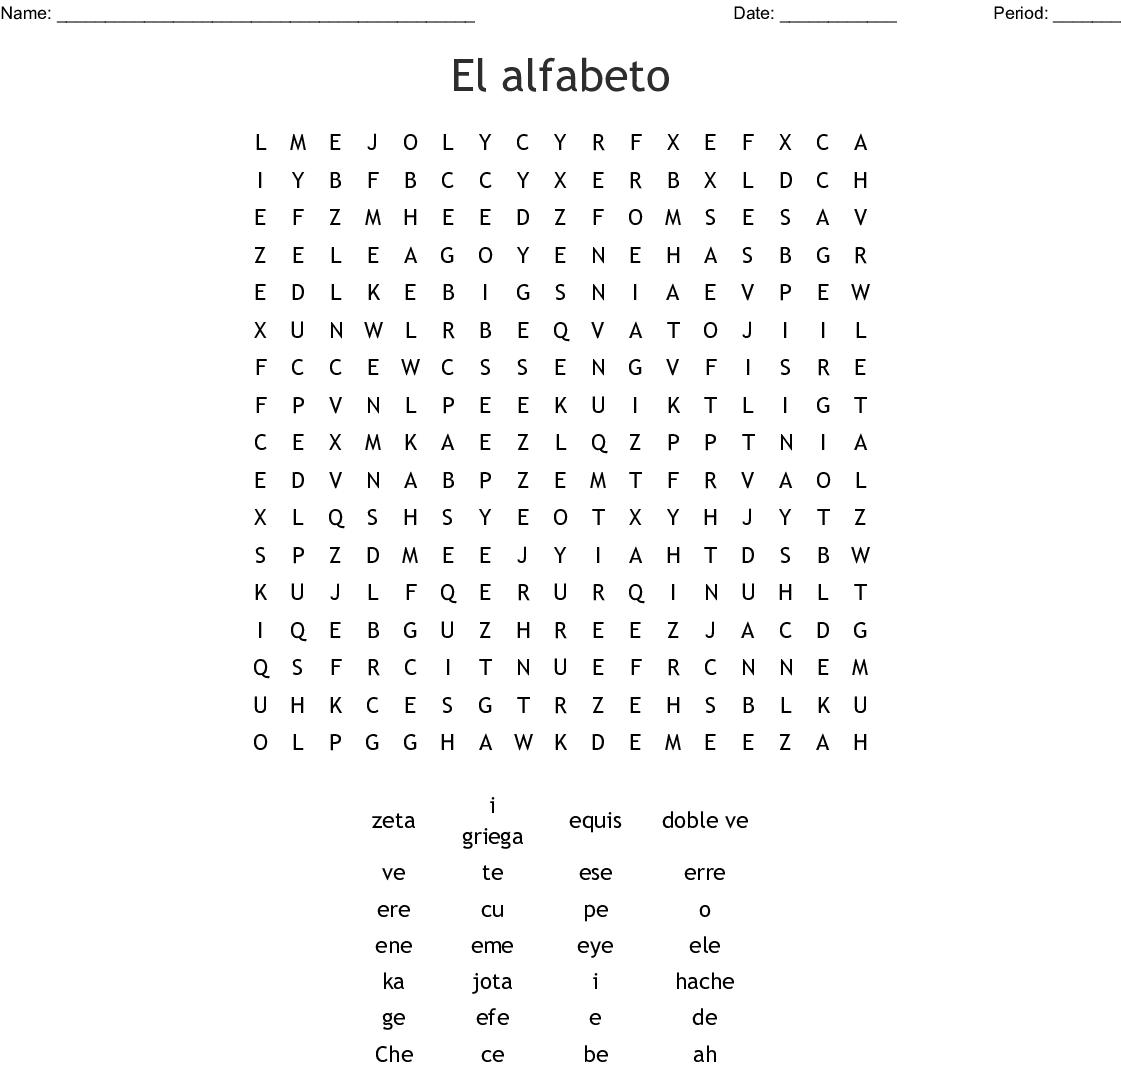 El Alfabeto Crossword